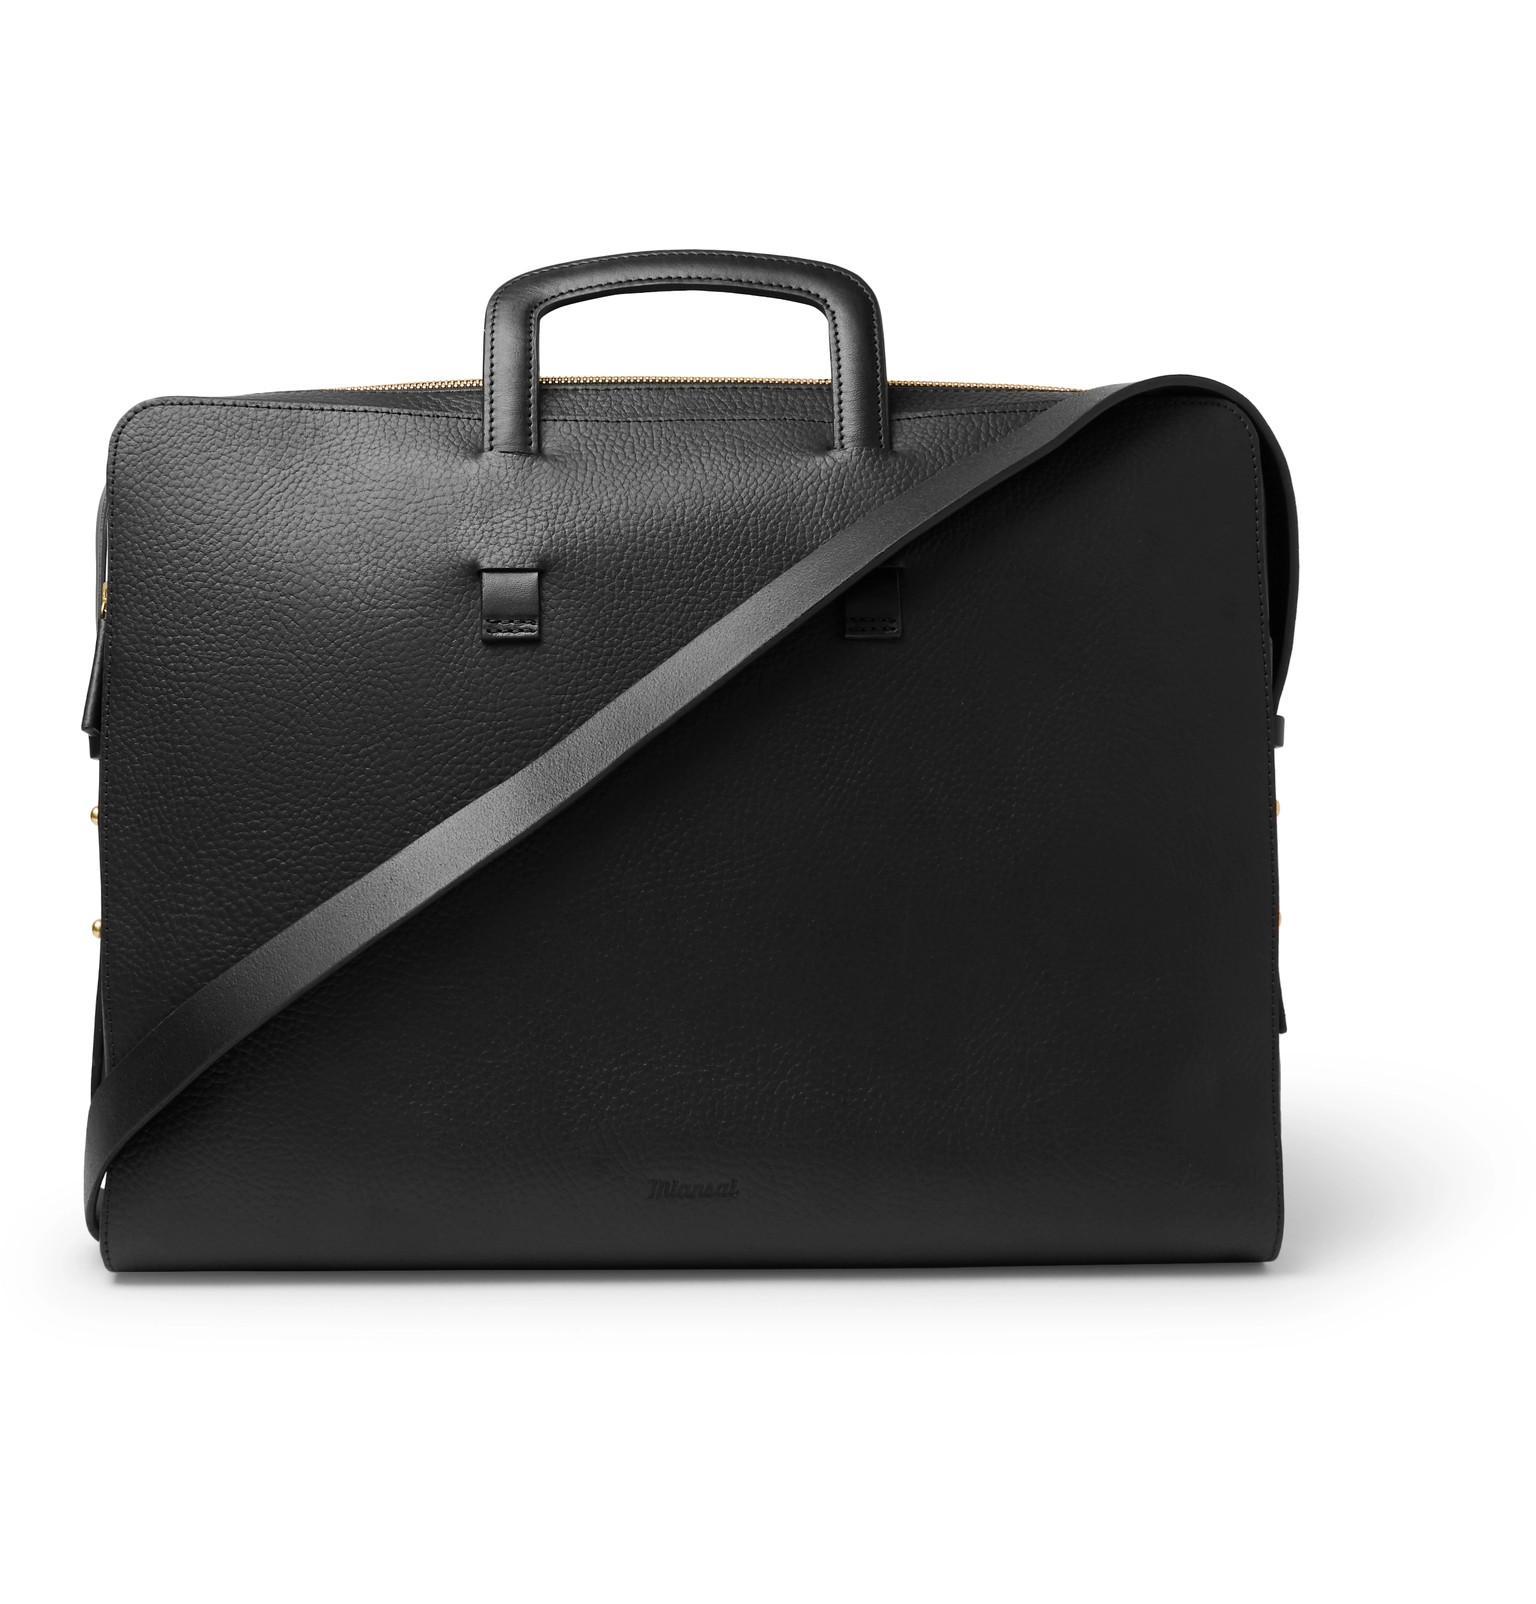 ca37956318 Miansai Slim Full-grain Leather Briefcase in Black for Men - Lyst